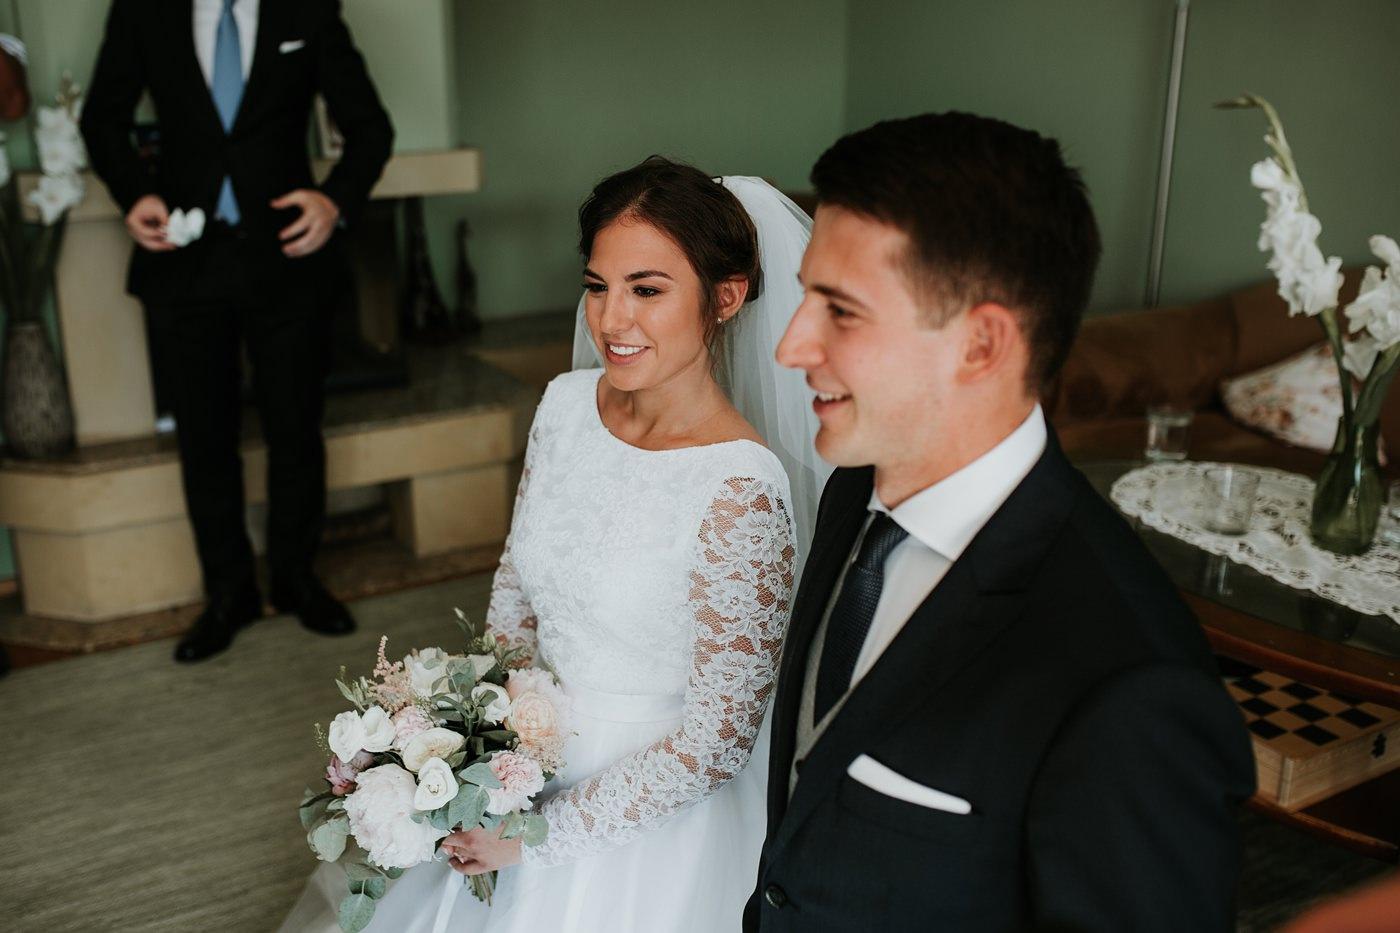 Dominika & Aleksander - Rustykalne wesele w stodole - Baborówko 29